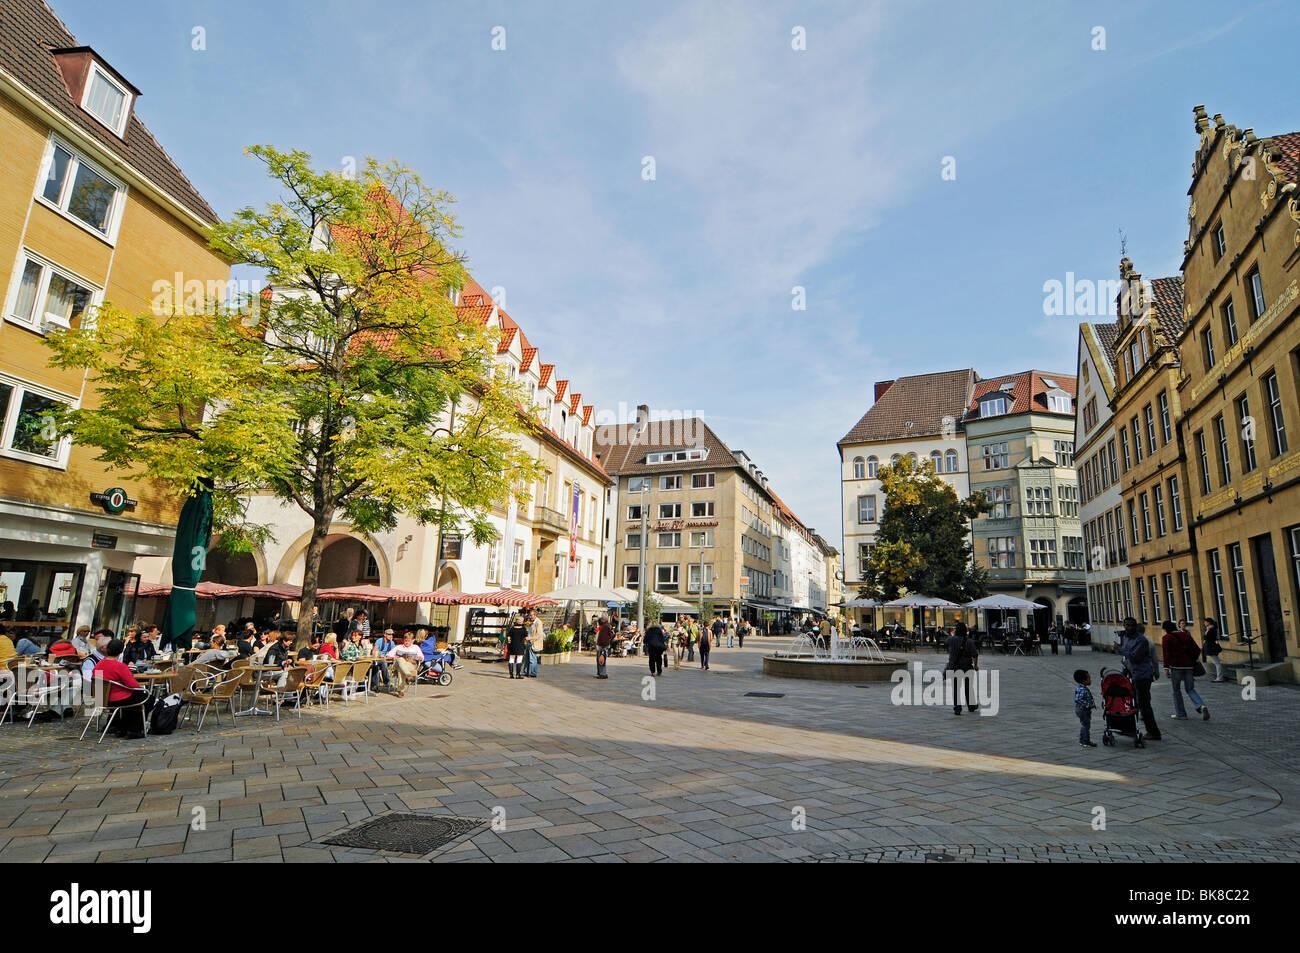 alter markt old market historic centre bielefeld east. Black Bedroom Furniture Sets. Home Design Ideas